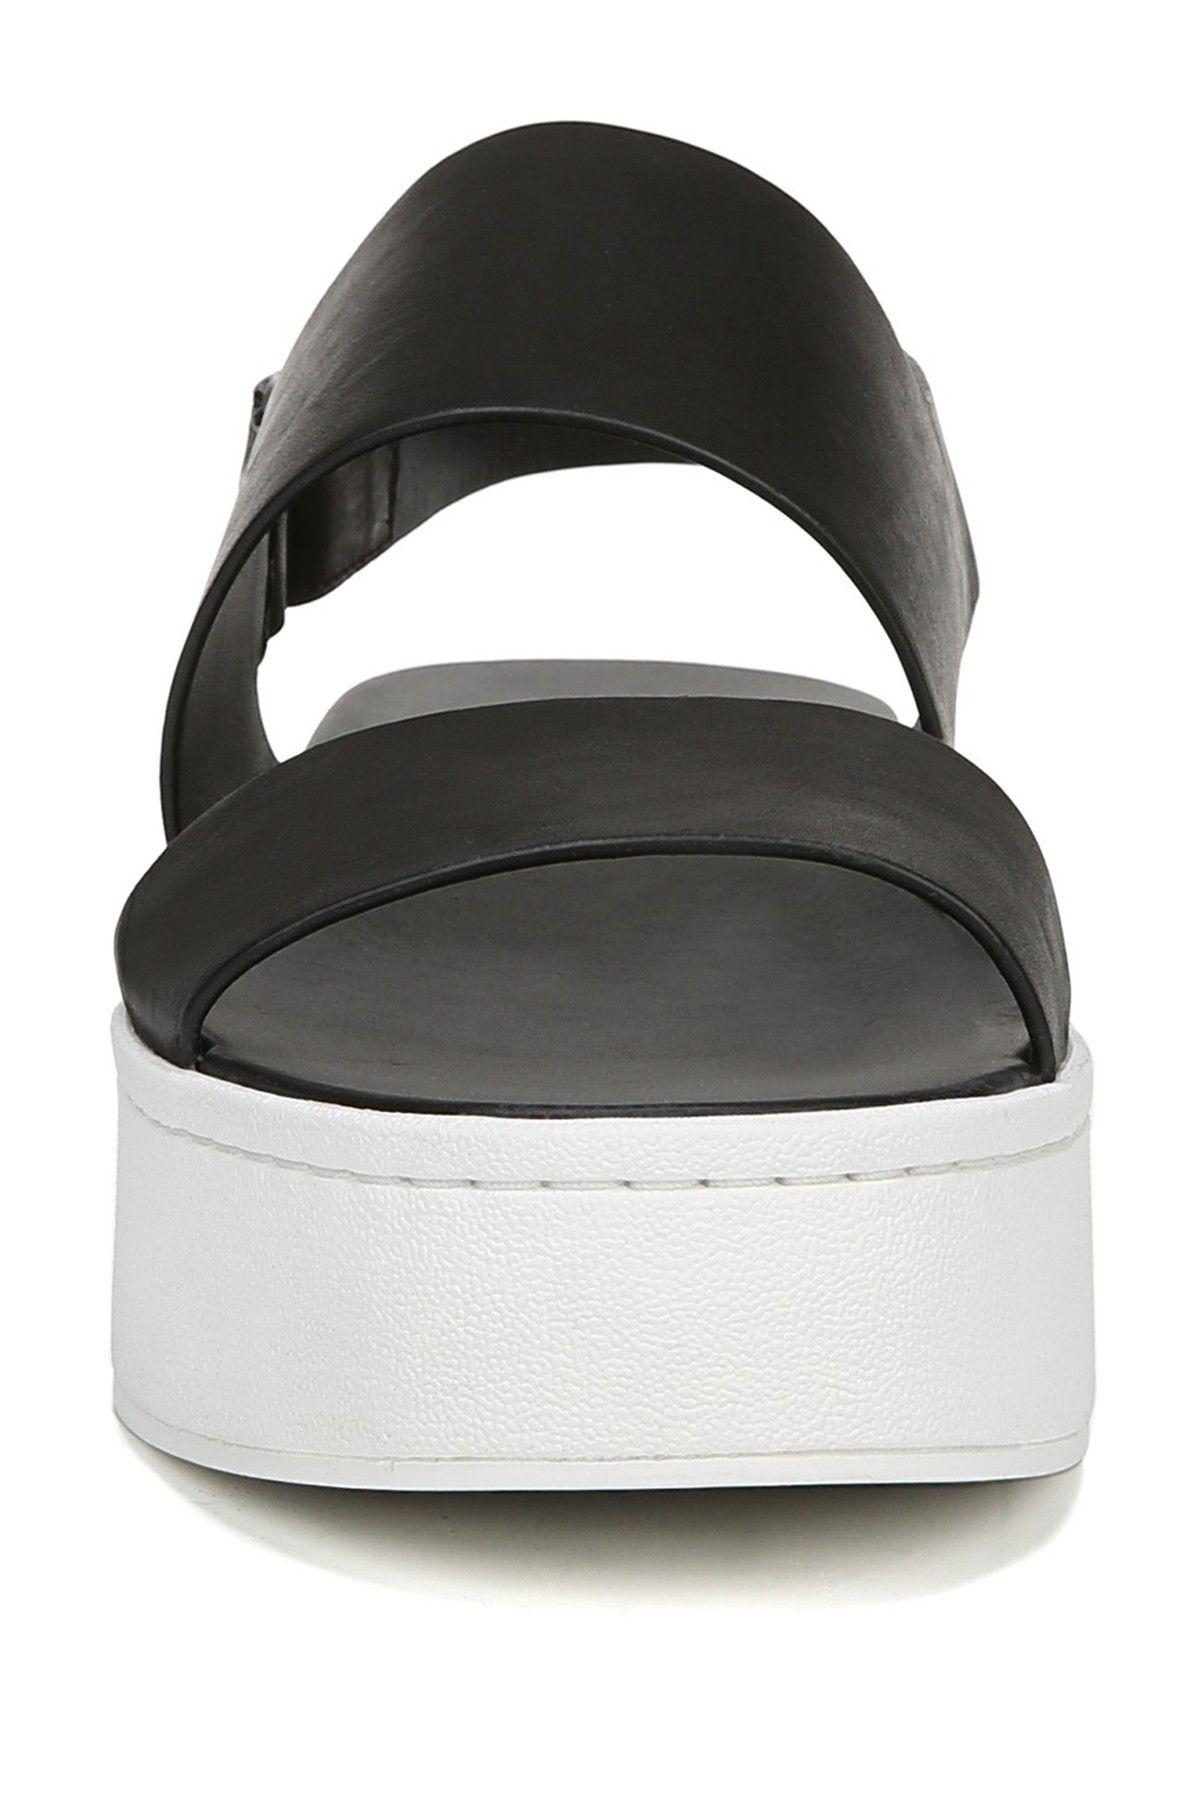 vince westport platform sandal